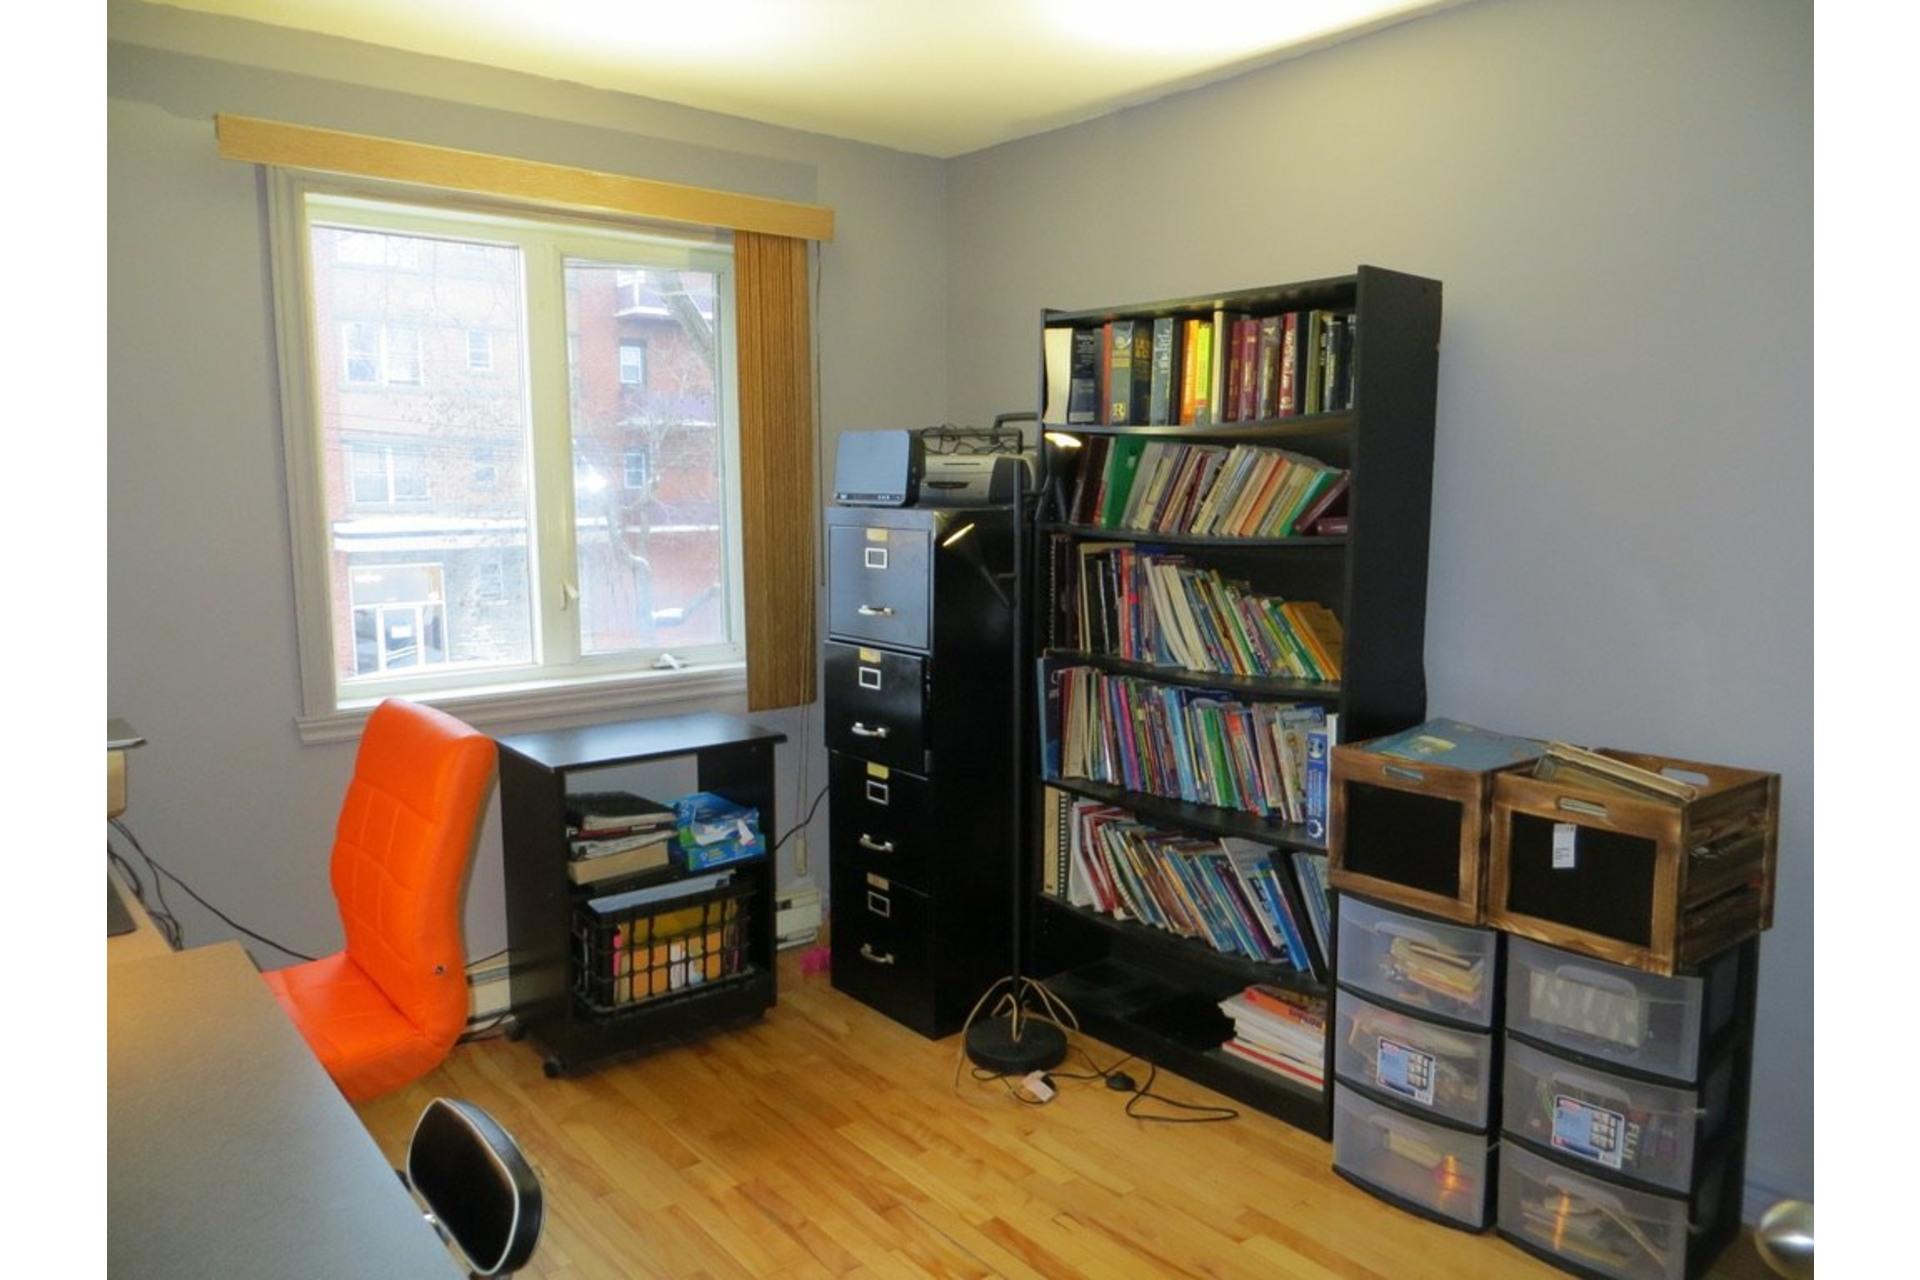 image 33 - Appartement À vendre Côte-des-Neiges/Notre-Dame-de-Grâce Montréal  - 6 pièces